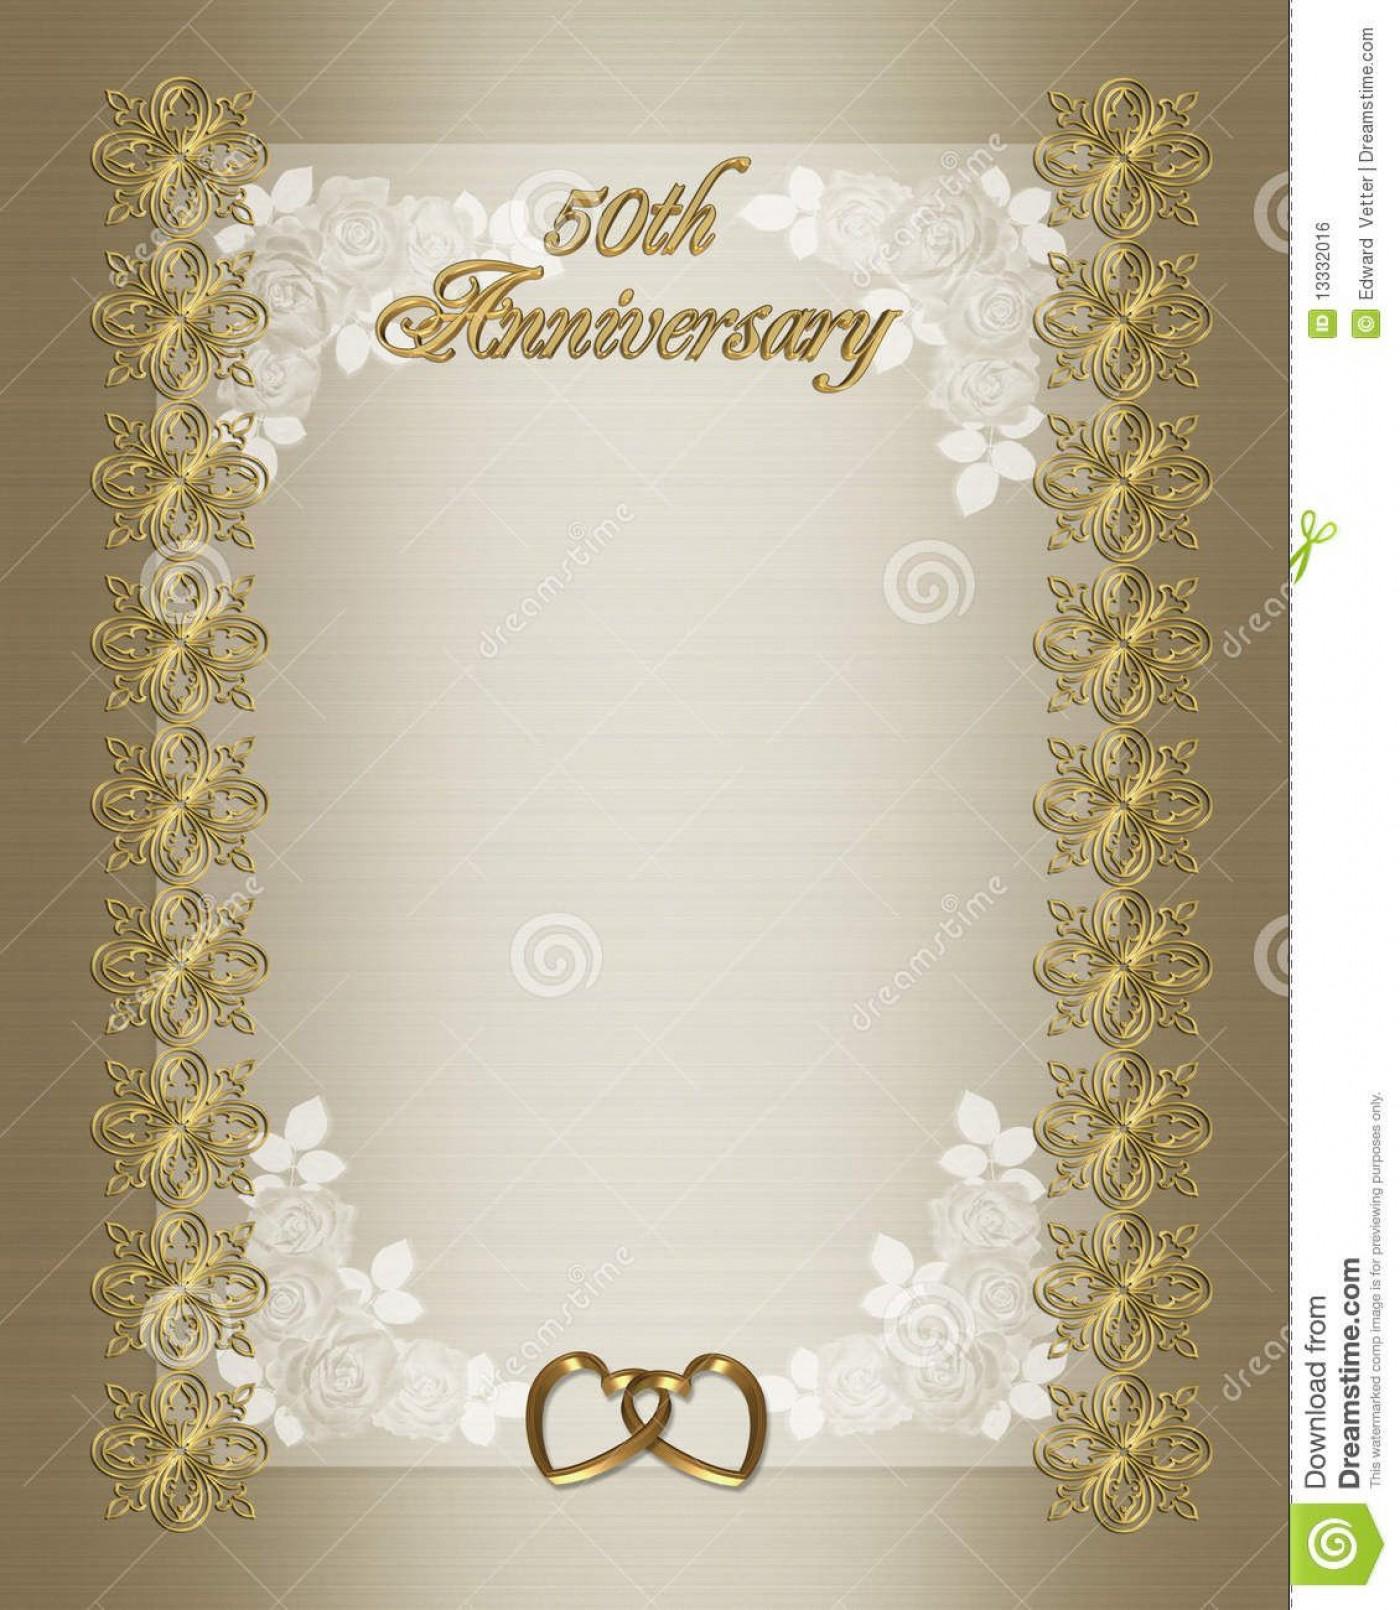 006 Fearsome 50th Anniversary Invitation Template Idea  Wedding Microsoft Word Free Download1400